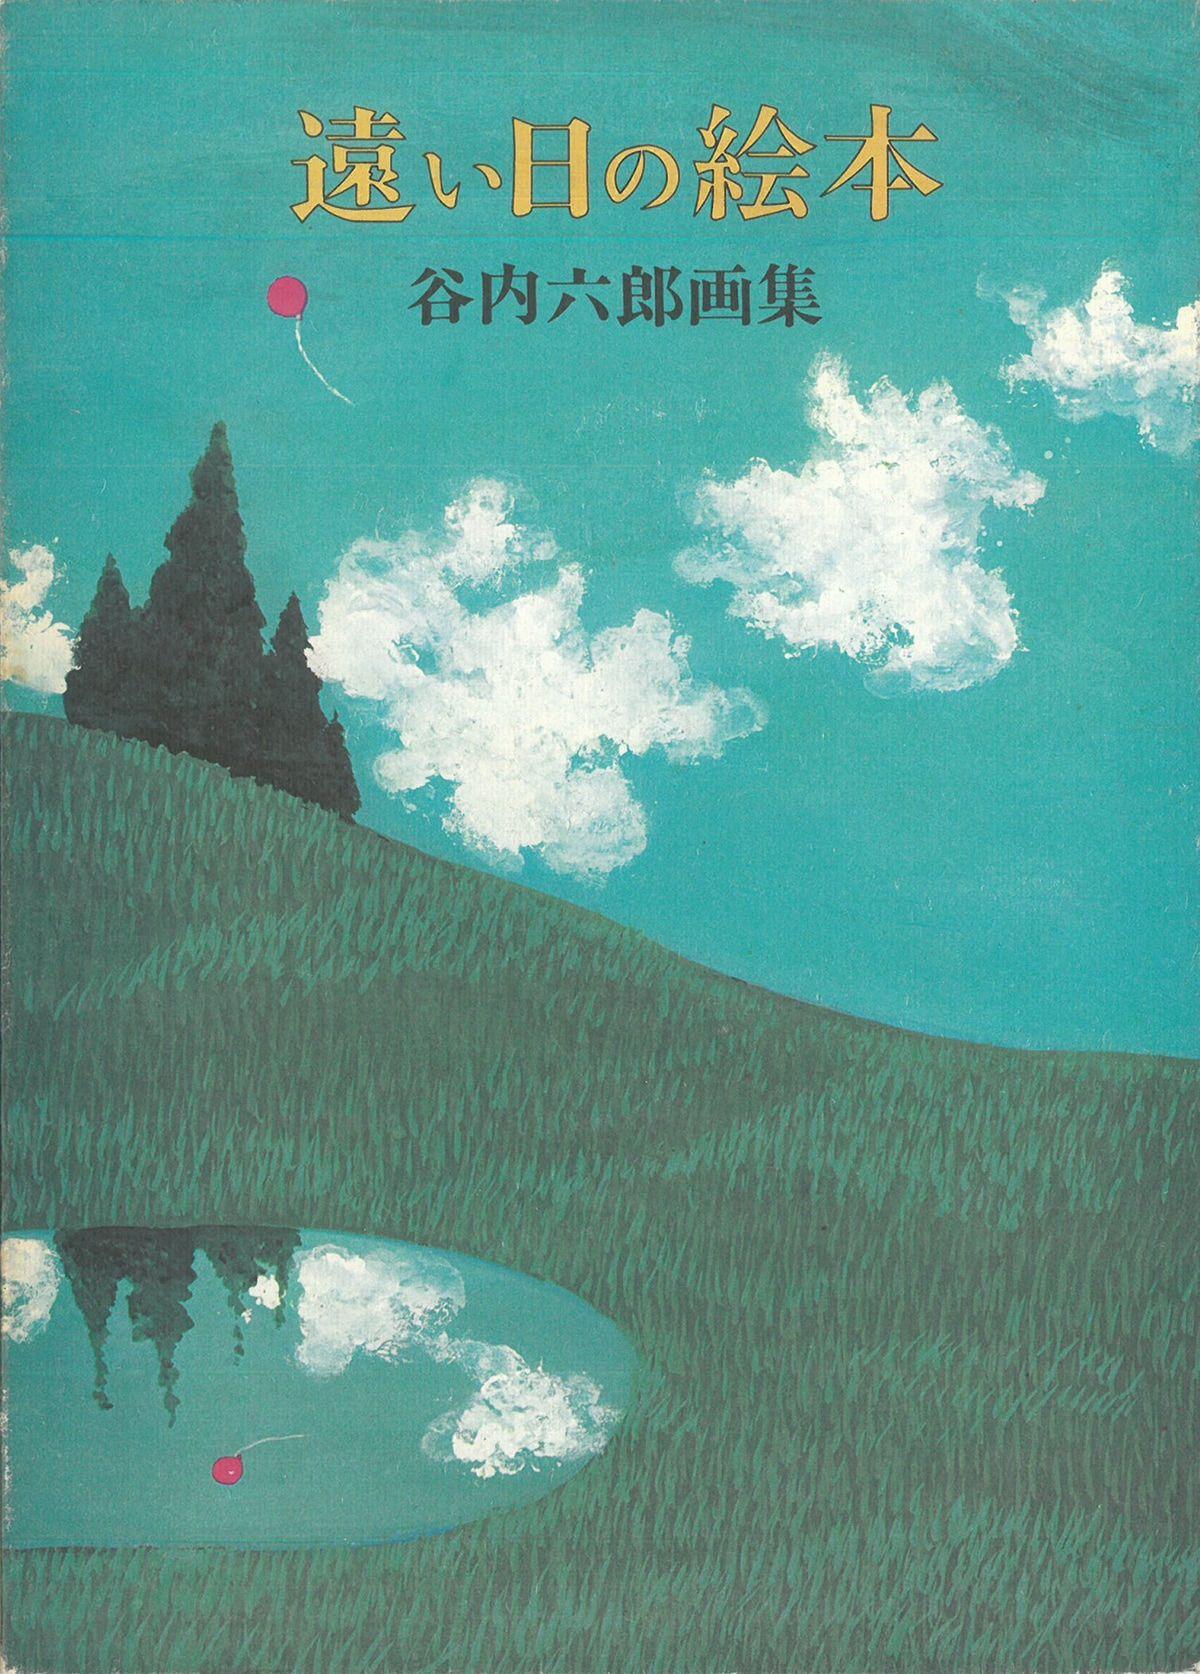 谷内六郎の画像 p1_19